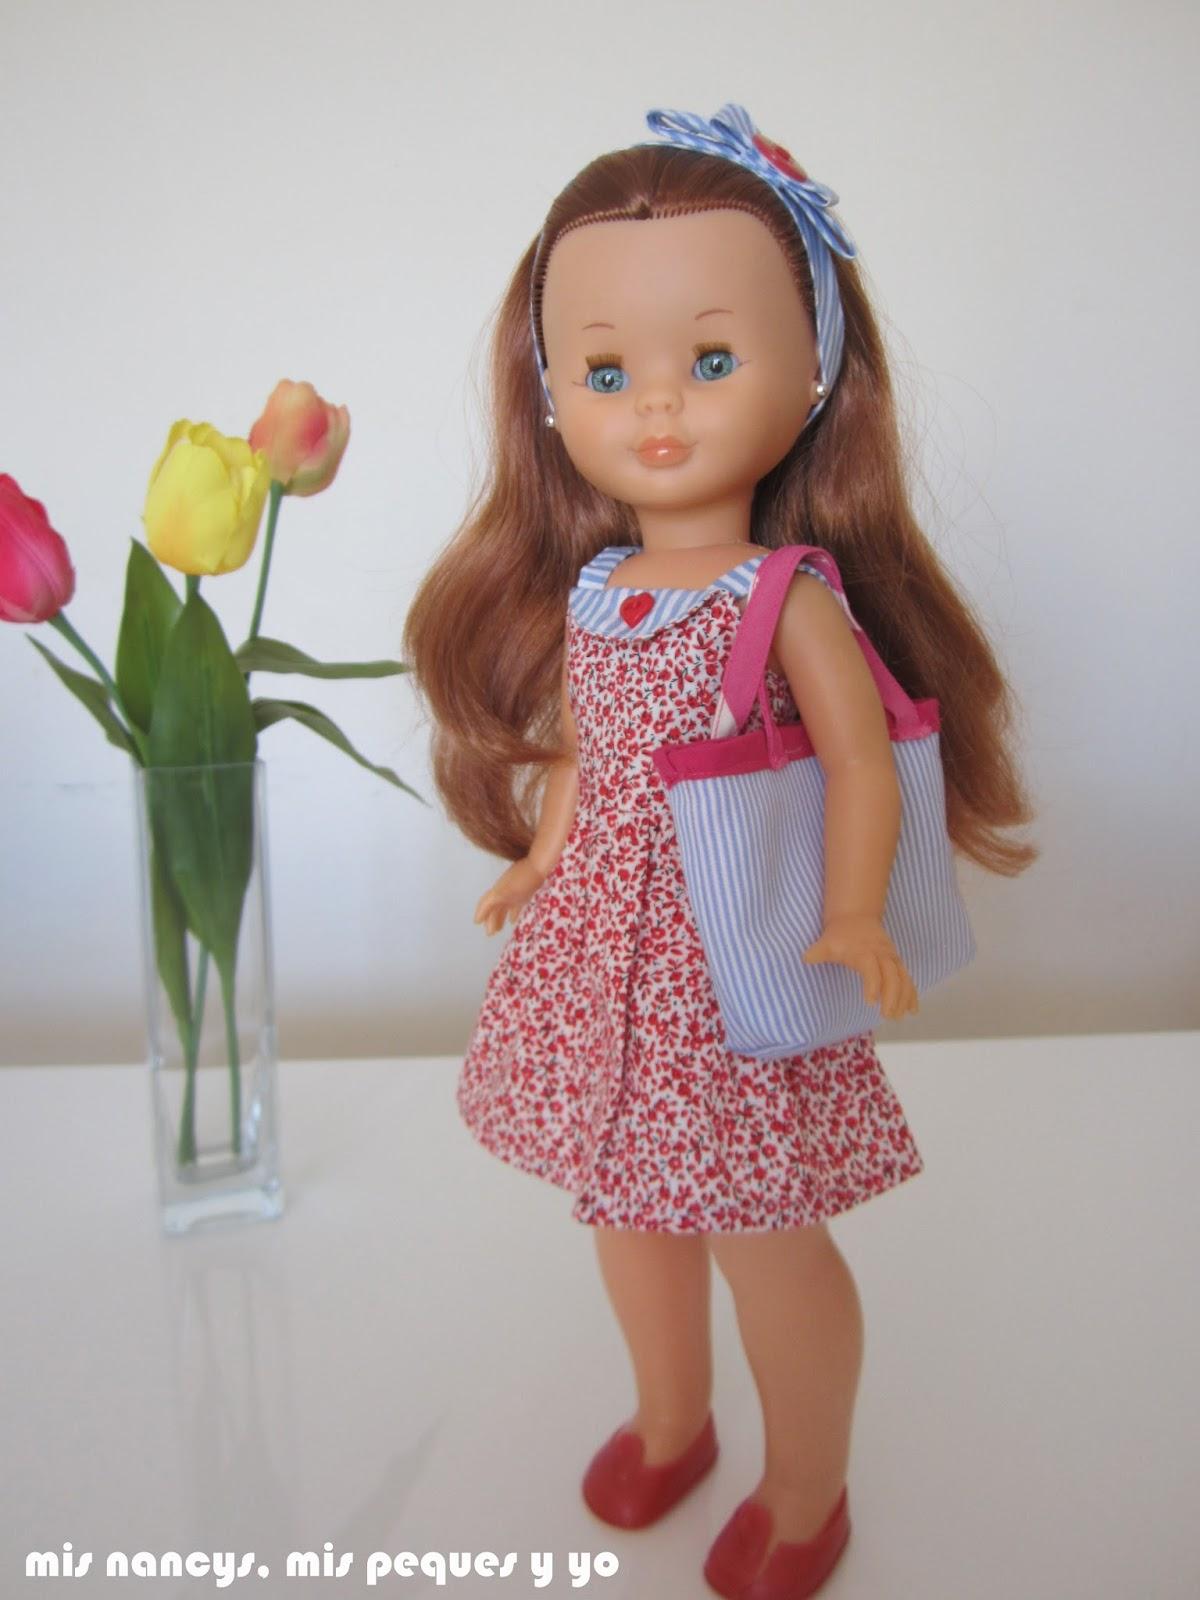 mis nancys, mis peques y yo, vestidos primavera para nancy de anilegra, complementos bolso y diadema